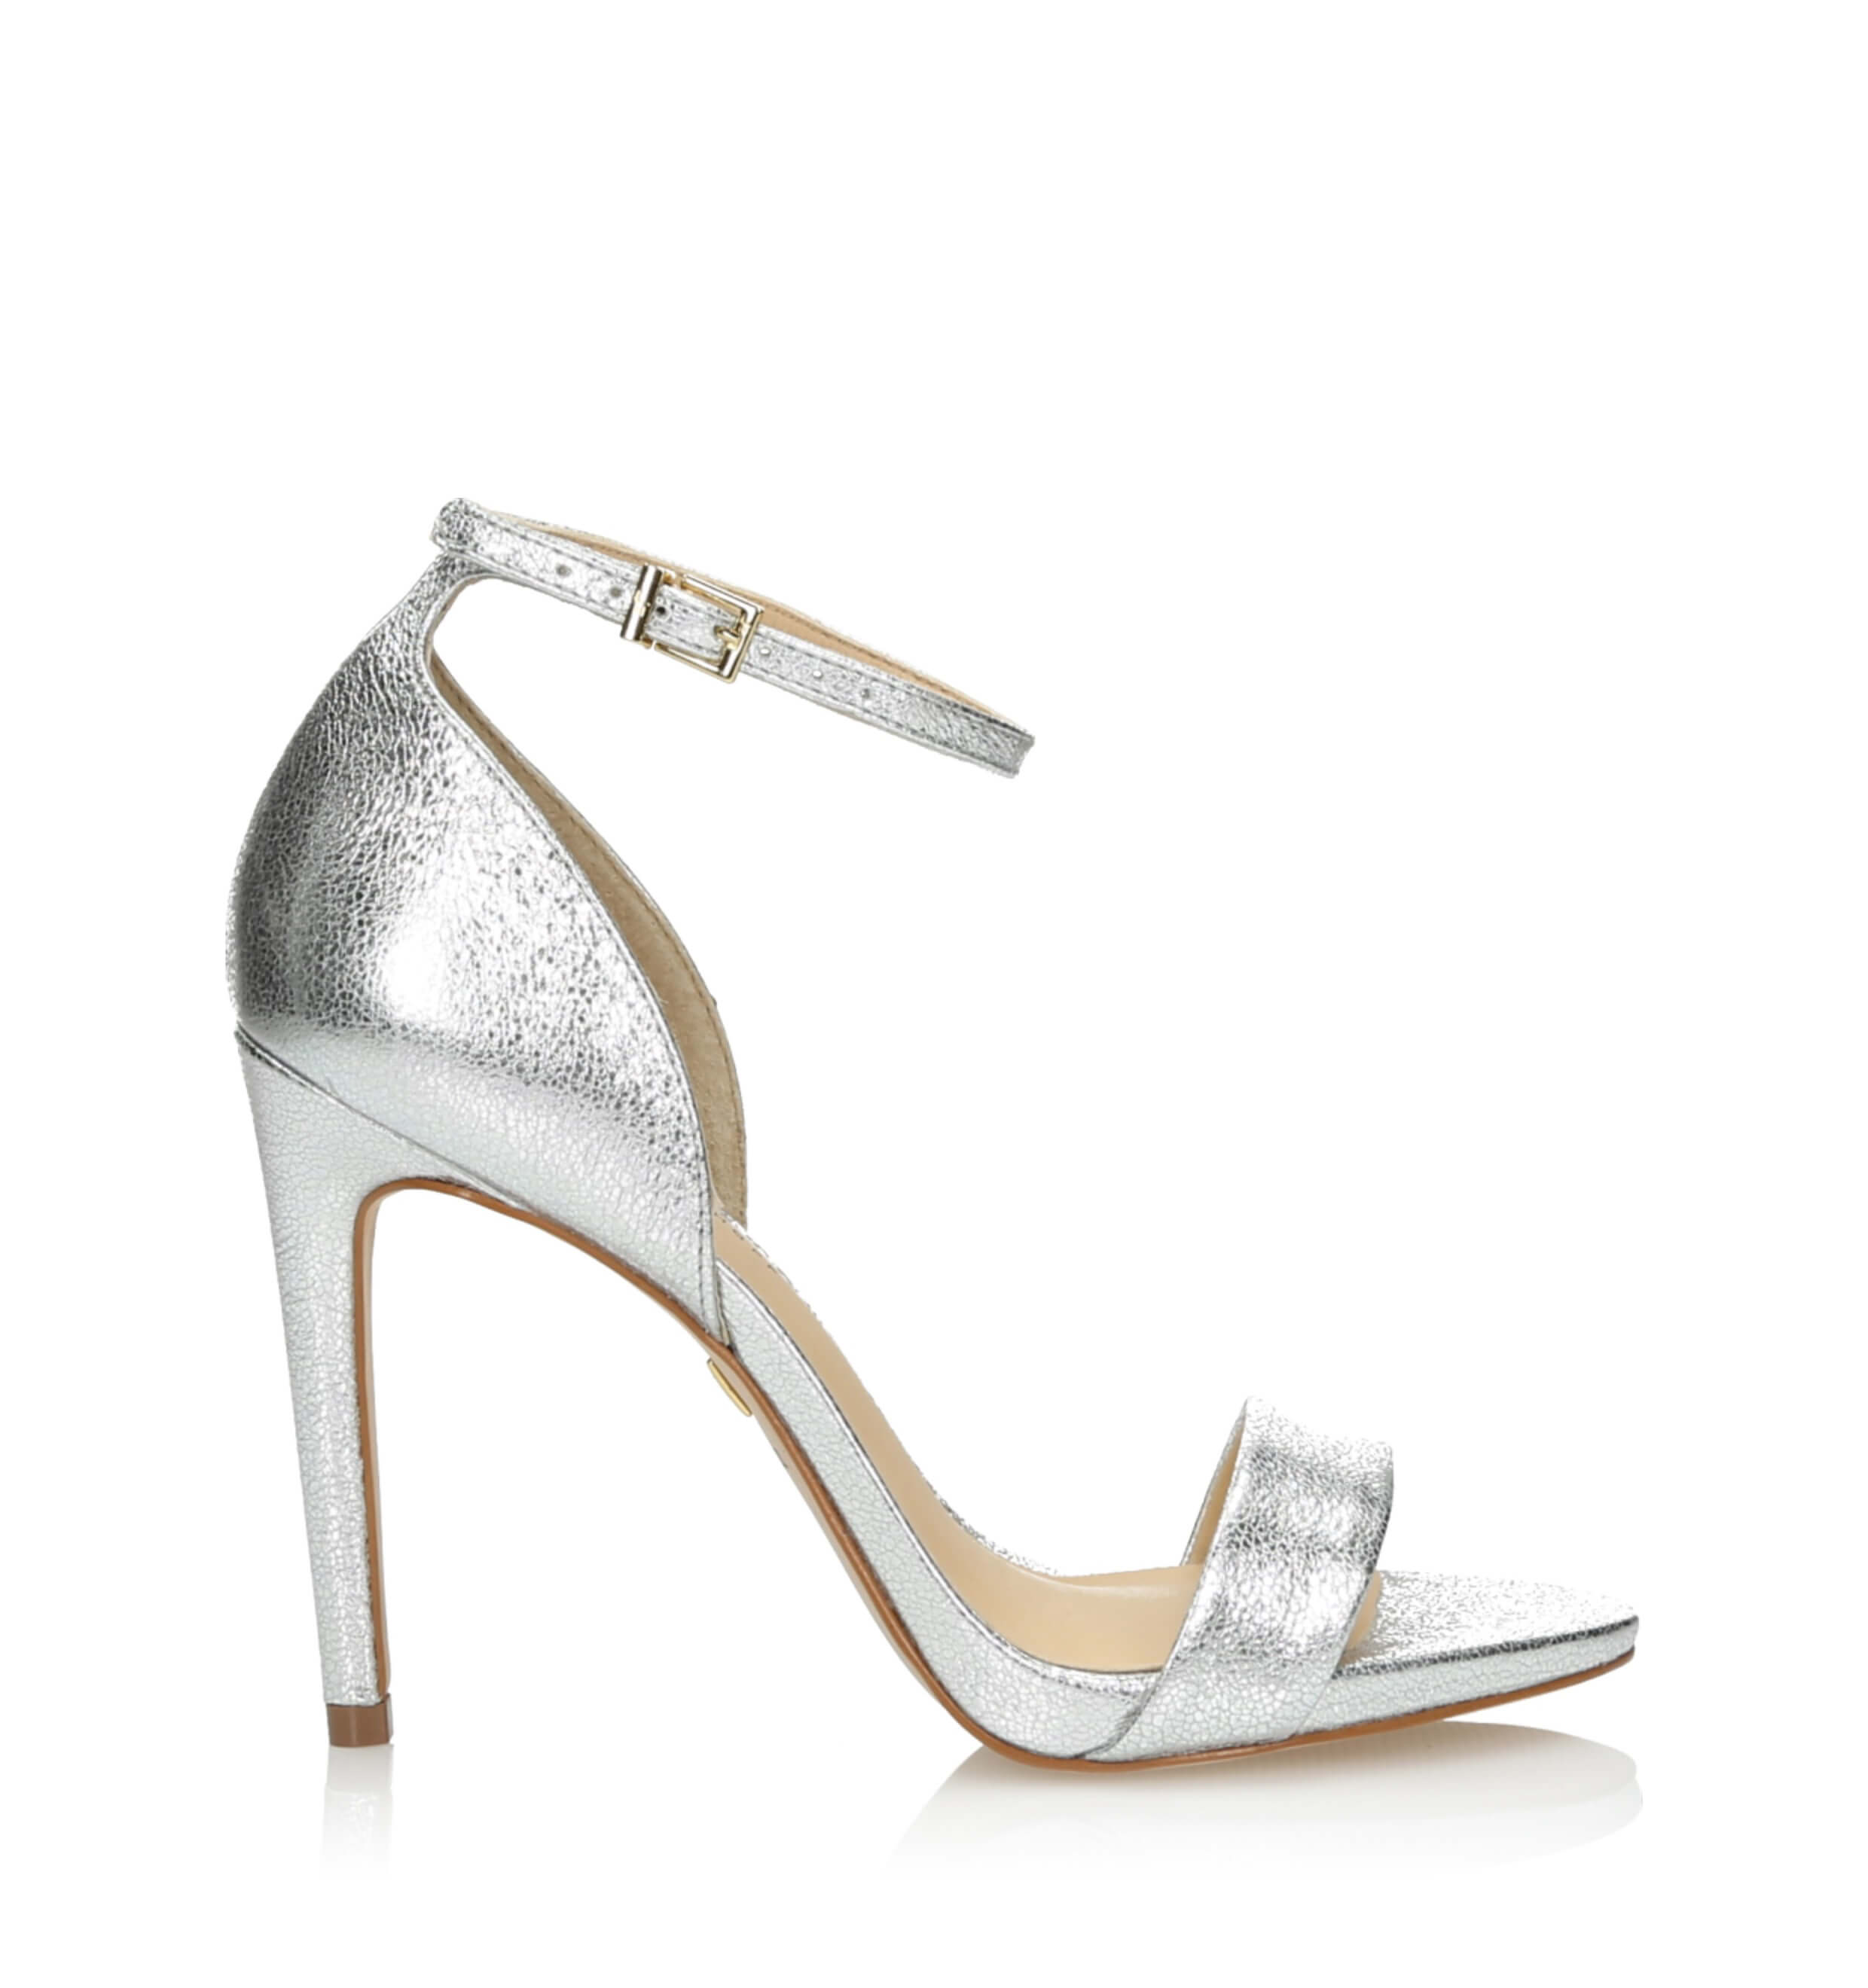 da47ca6003da0 Srebrne sandały damskie na szpilce 3i - J31145002X04 Prata - sklep 3i -store.com